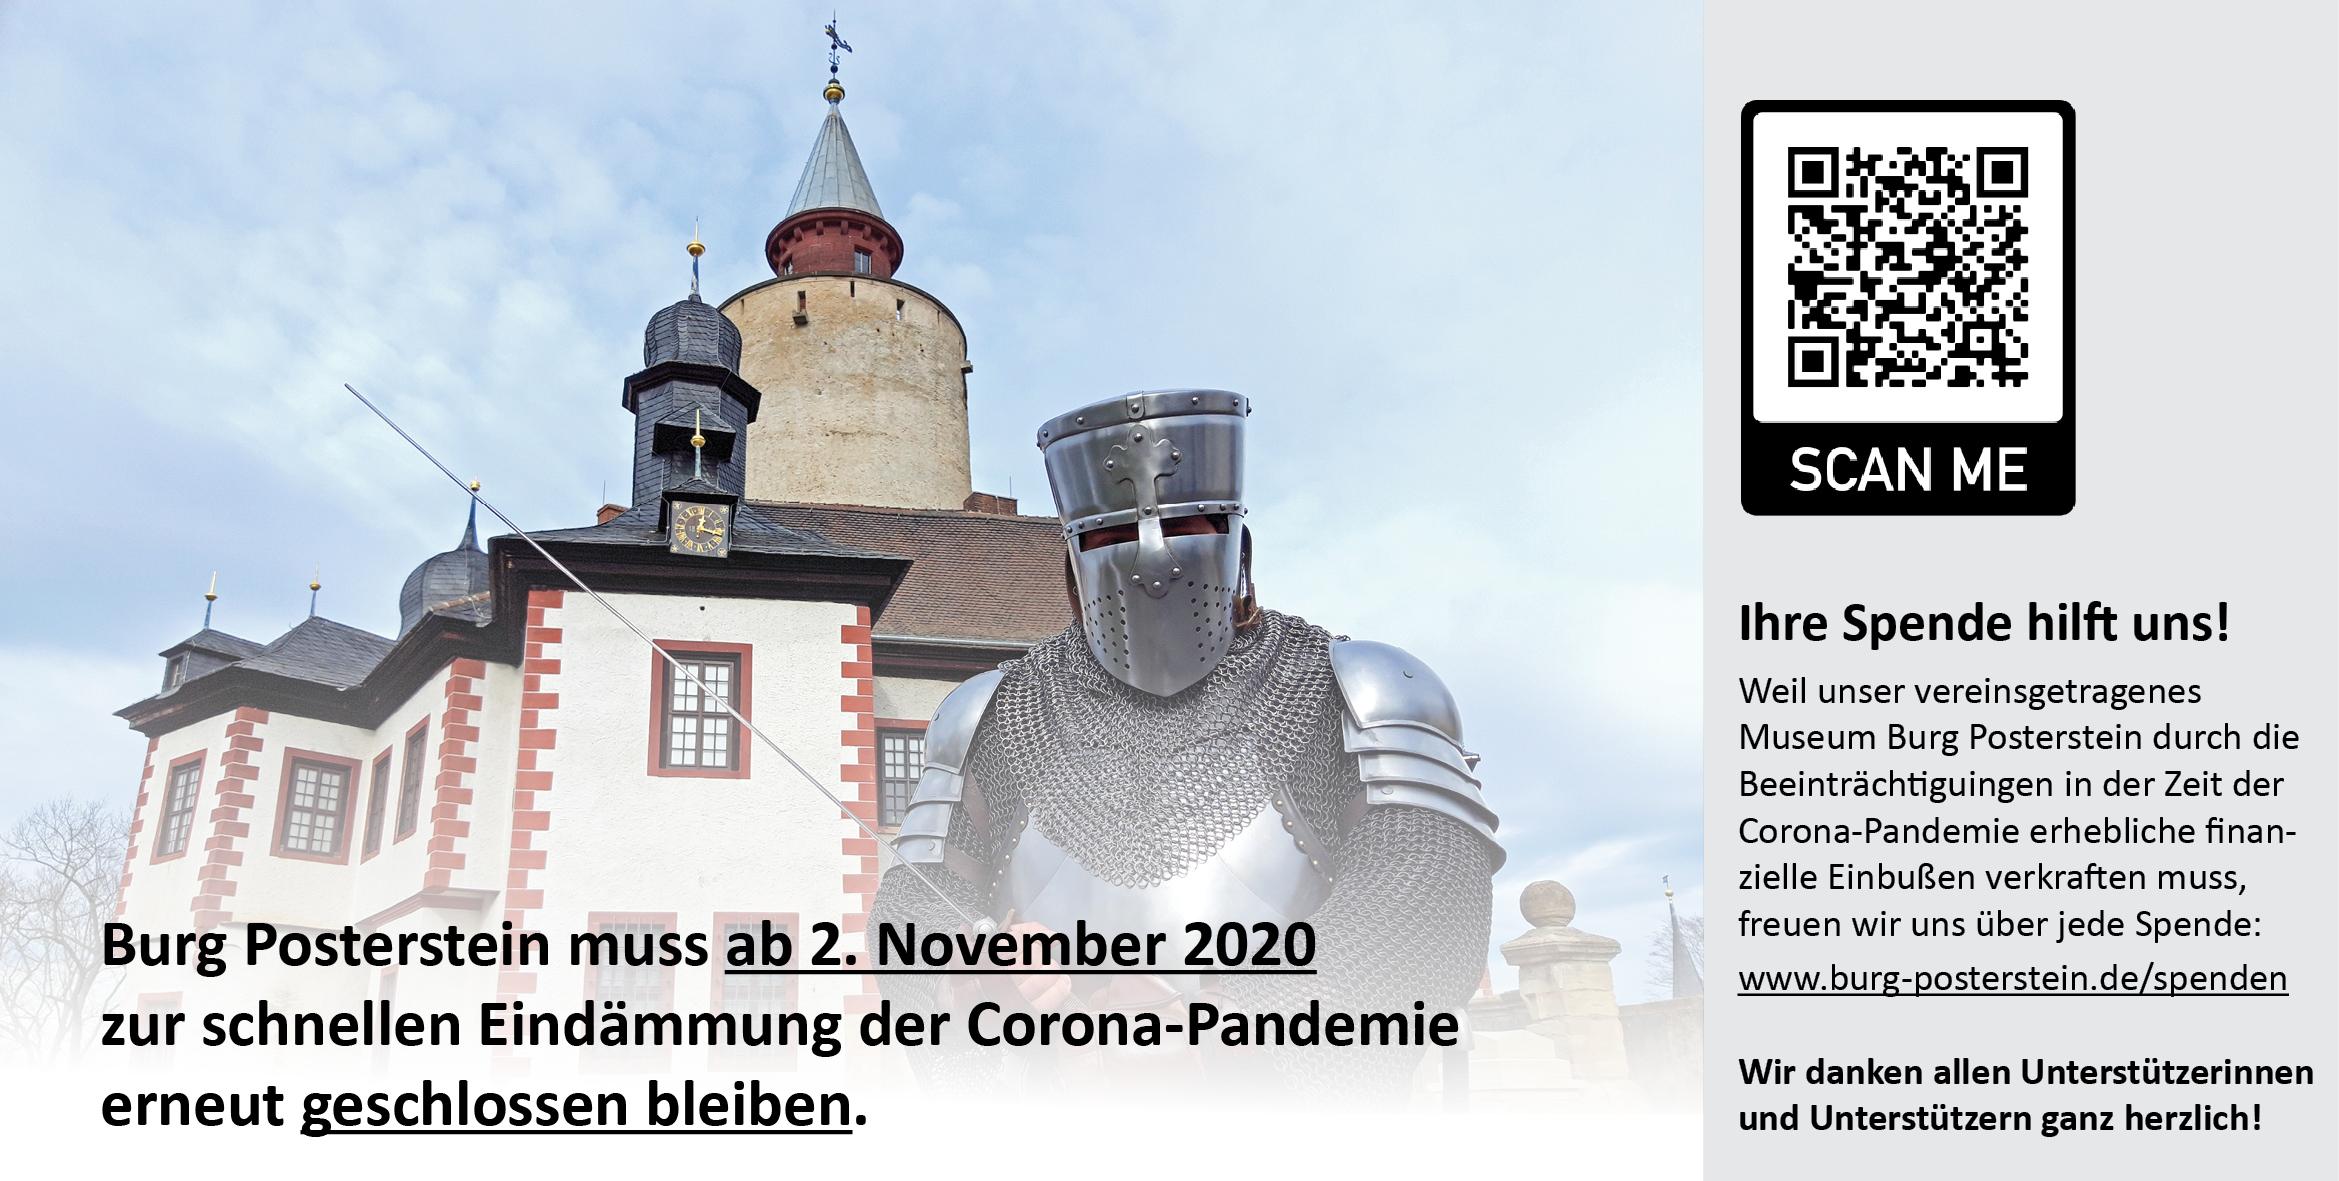 Banner - Burg Posterstein ab 2. November 2020 vorübergehend geschlossen - wir freuen uns über Ihre Spende